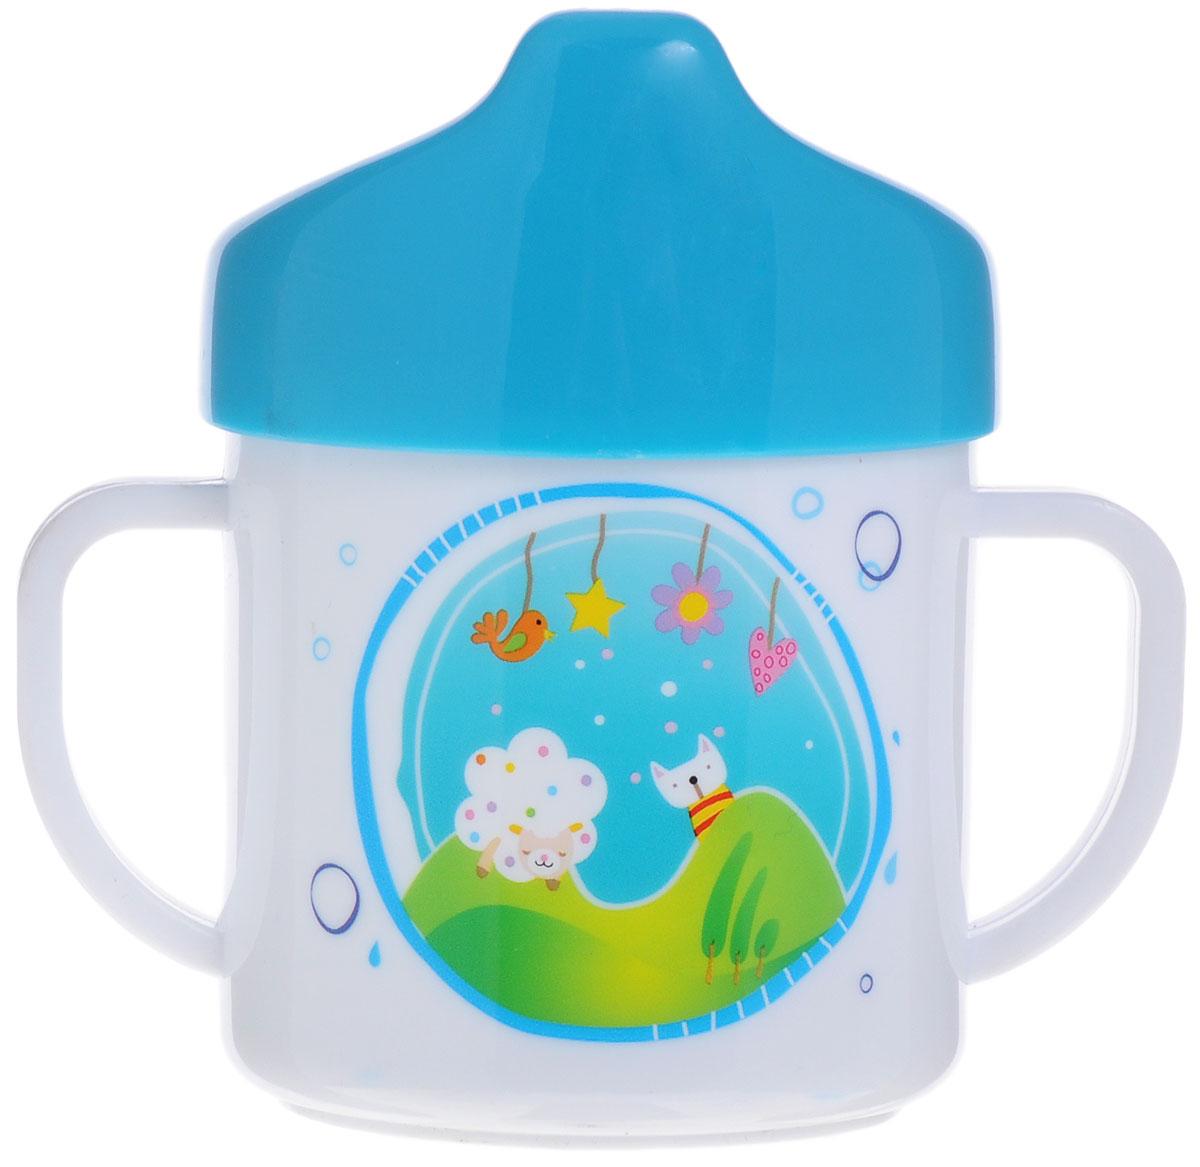 Canpol Babies Чашка-поильник цвет голубой 200 мл4/108_голубойЧашка-поильник Canpol Babies рекомендован для деток, которые переходят от грудного вскармливания или кормления из бутылочки к кружке. Поильник идеально подходит для малышей, ребенку будет удобно держать его благодаря двум ручкам по бокам. Закручивающаяся крышка поильника снабжена носиком для питья, который сделает переход от кормления из бутылочки к питью из чашки более легким и комфортным для ребенка. Поильник украшен яркими изображениями, которые привлекут внимание малыша. Не кипятить, не стерилизовать.